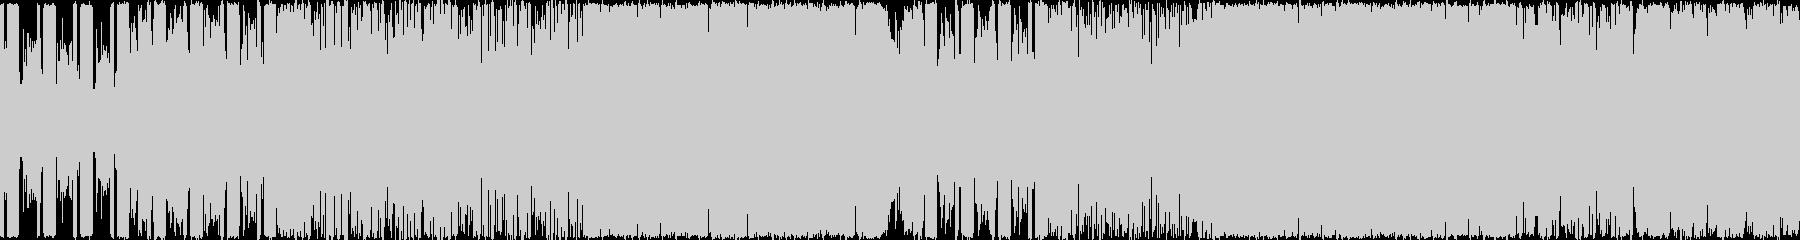 険しい山を演出したギター系の曲<loo…の未再生の波形